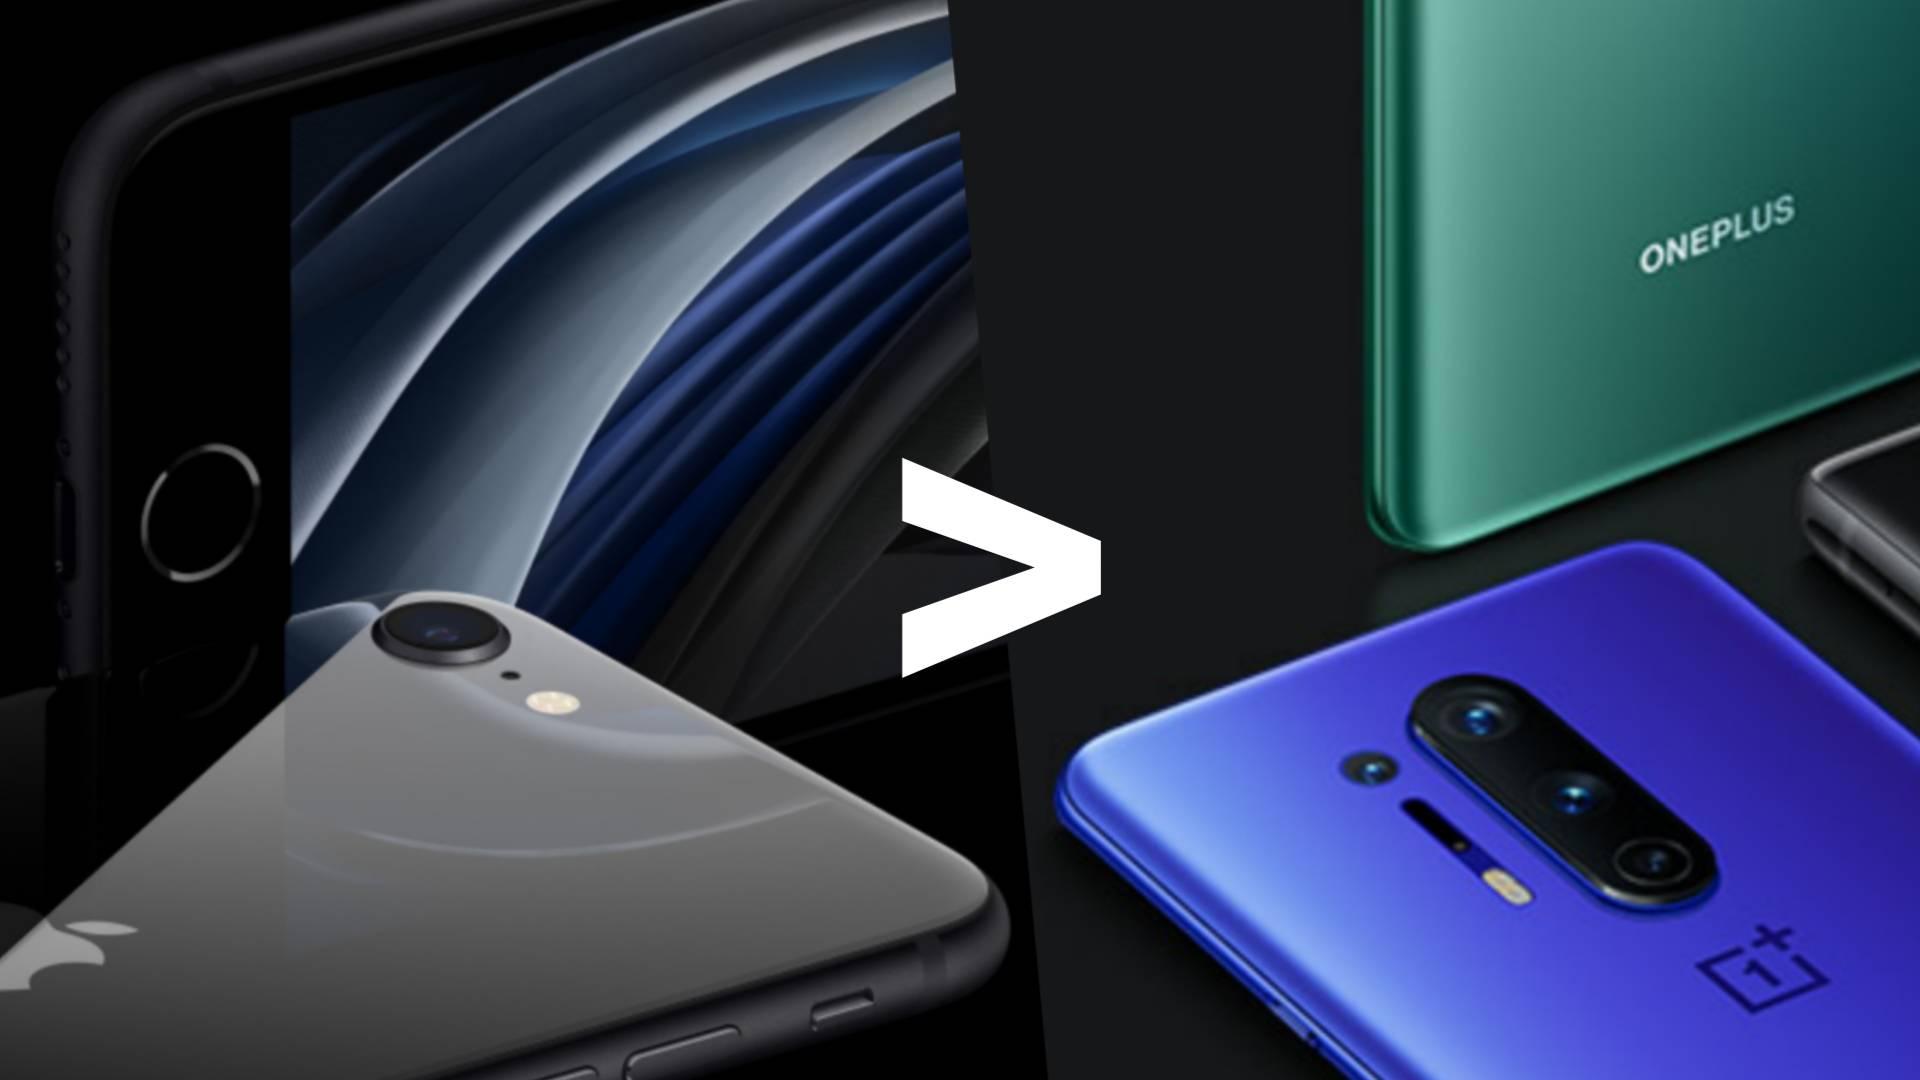 A legolcsóbb iPhone-ban erősebb processzor van, mint a legdrágább Androidos mobilokban